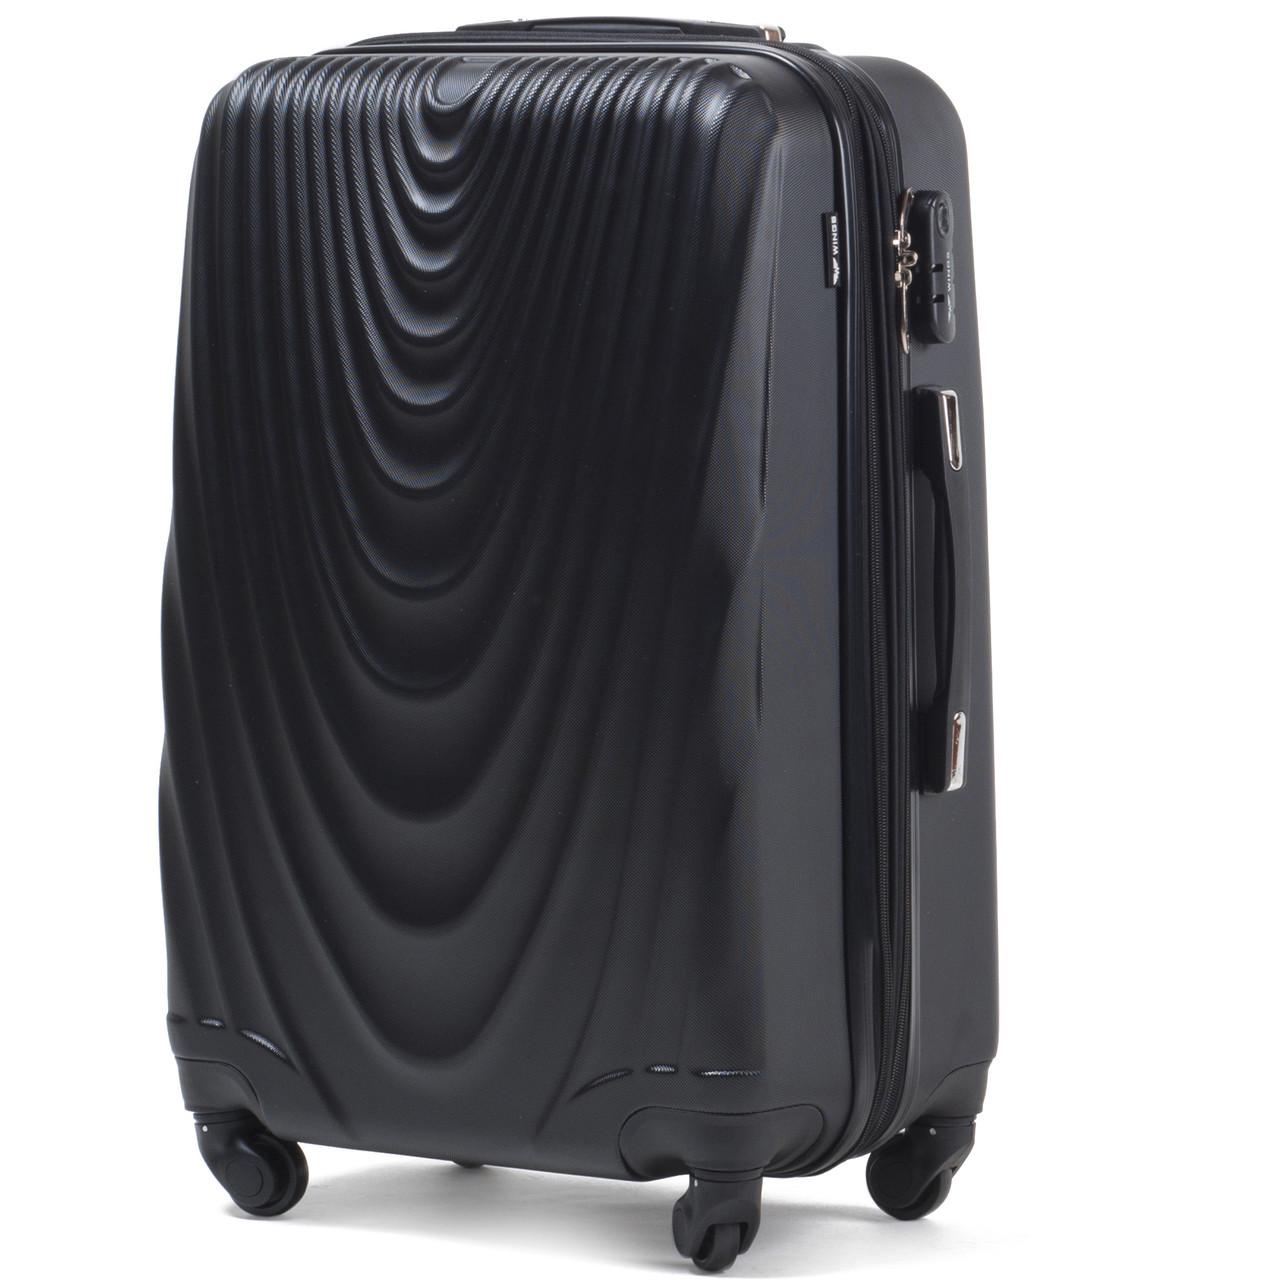 Малый пластиковый чемодан Wings 304 на 4 колесах черный